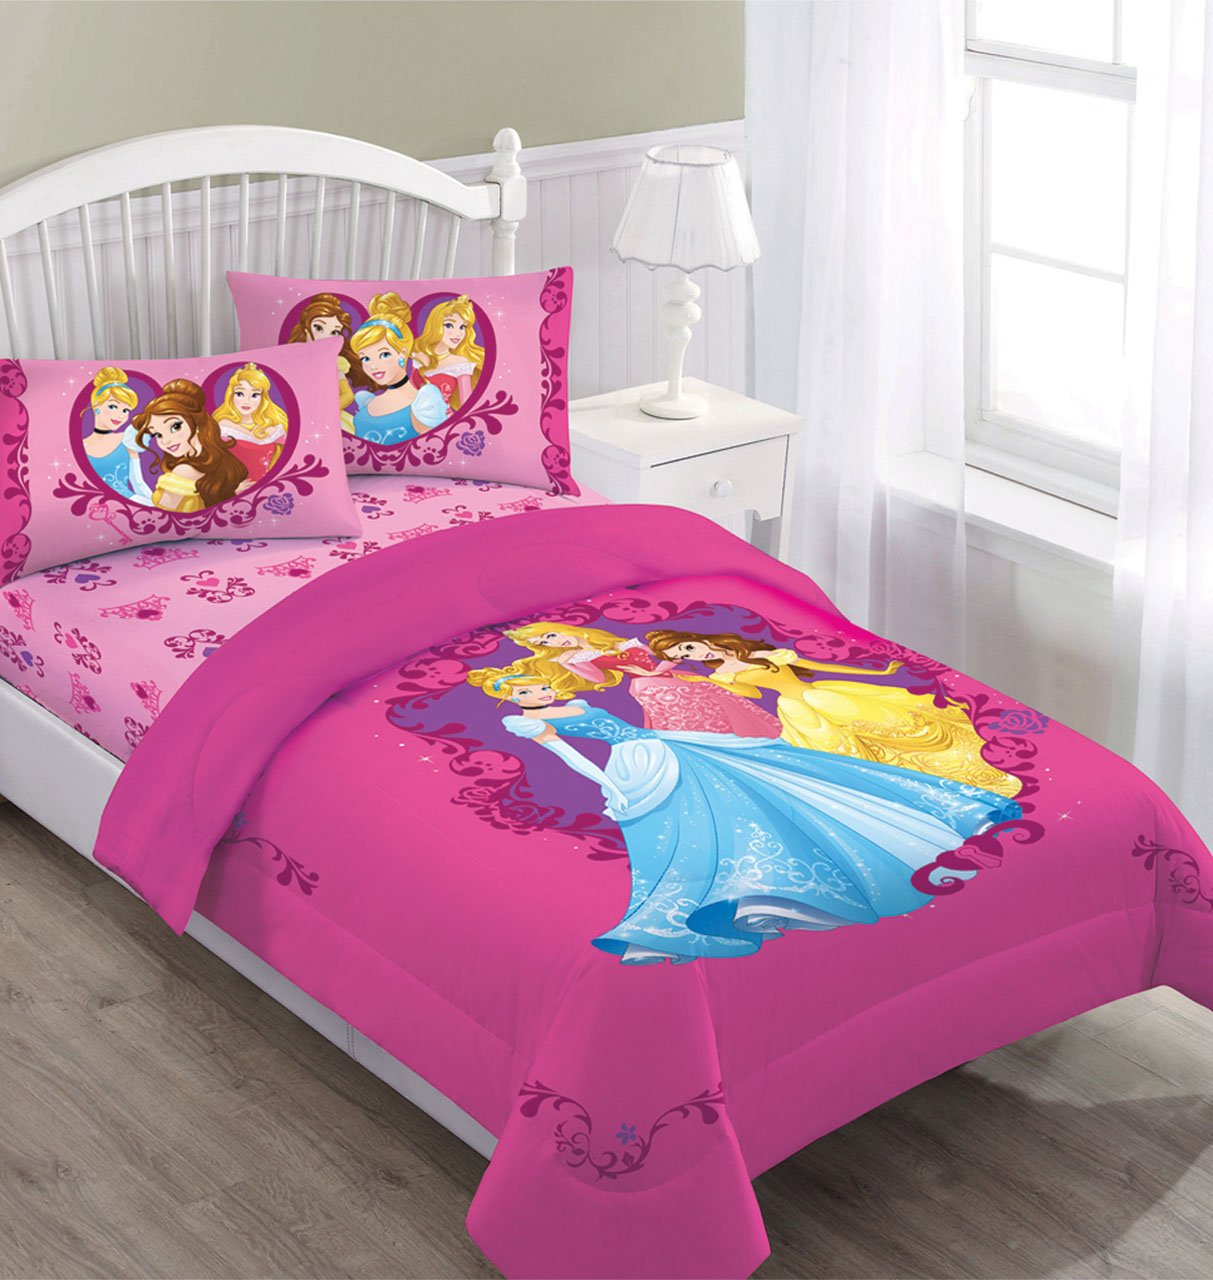 Disney Princess Gateway to Dreams Twin Bedding Comforter Set